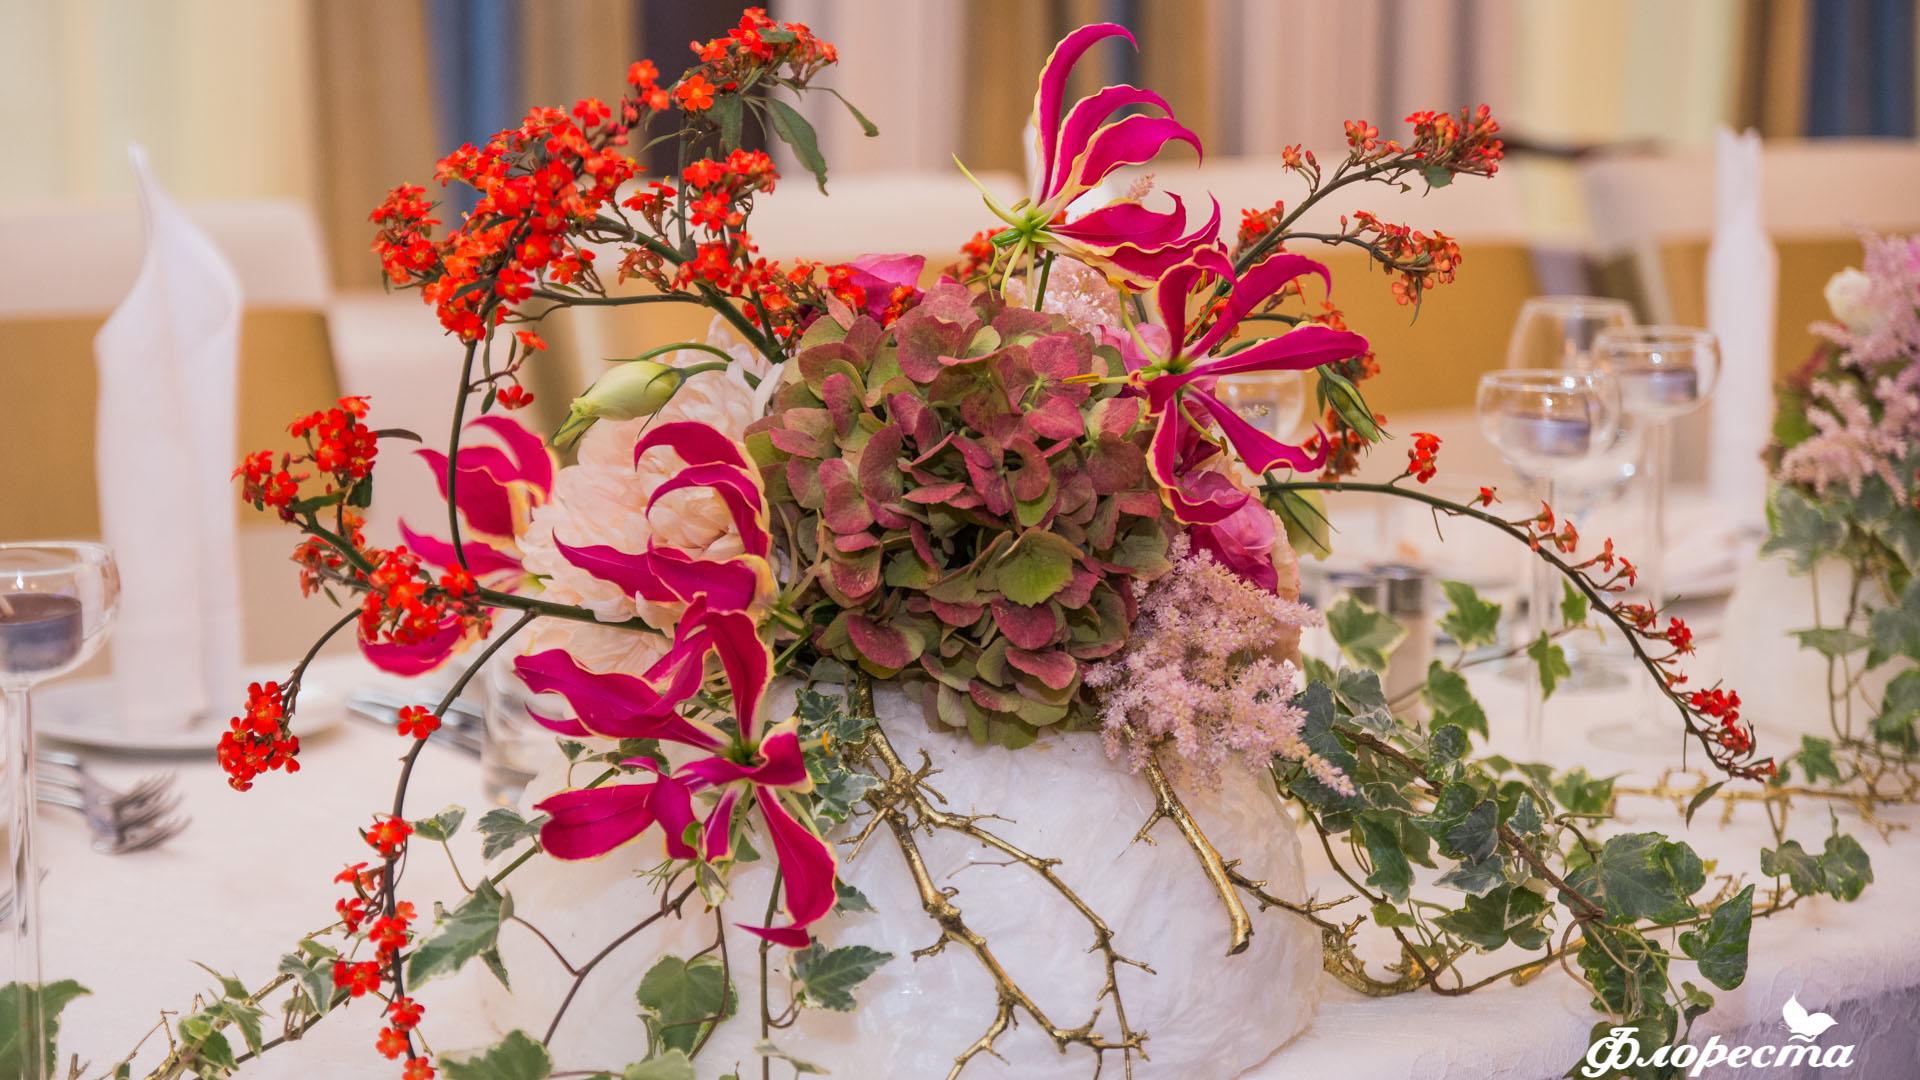 Цветна есенна аранжировка с глориоза, хортензия, бръшлян и хризантема